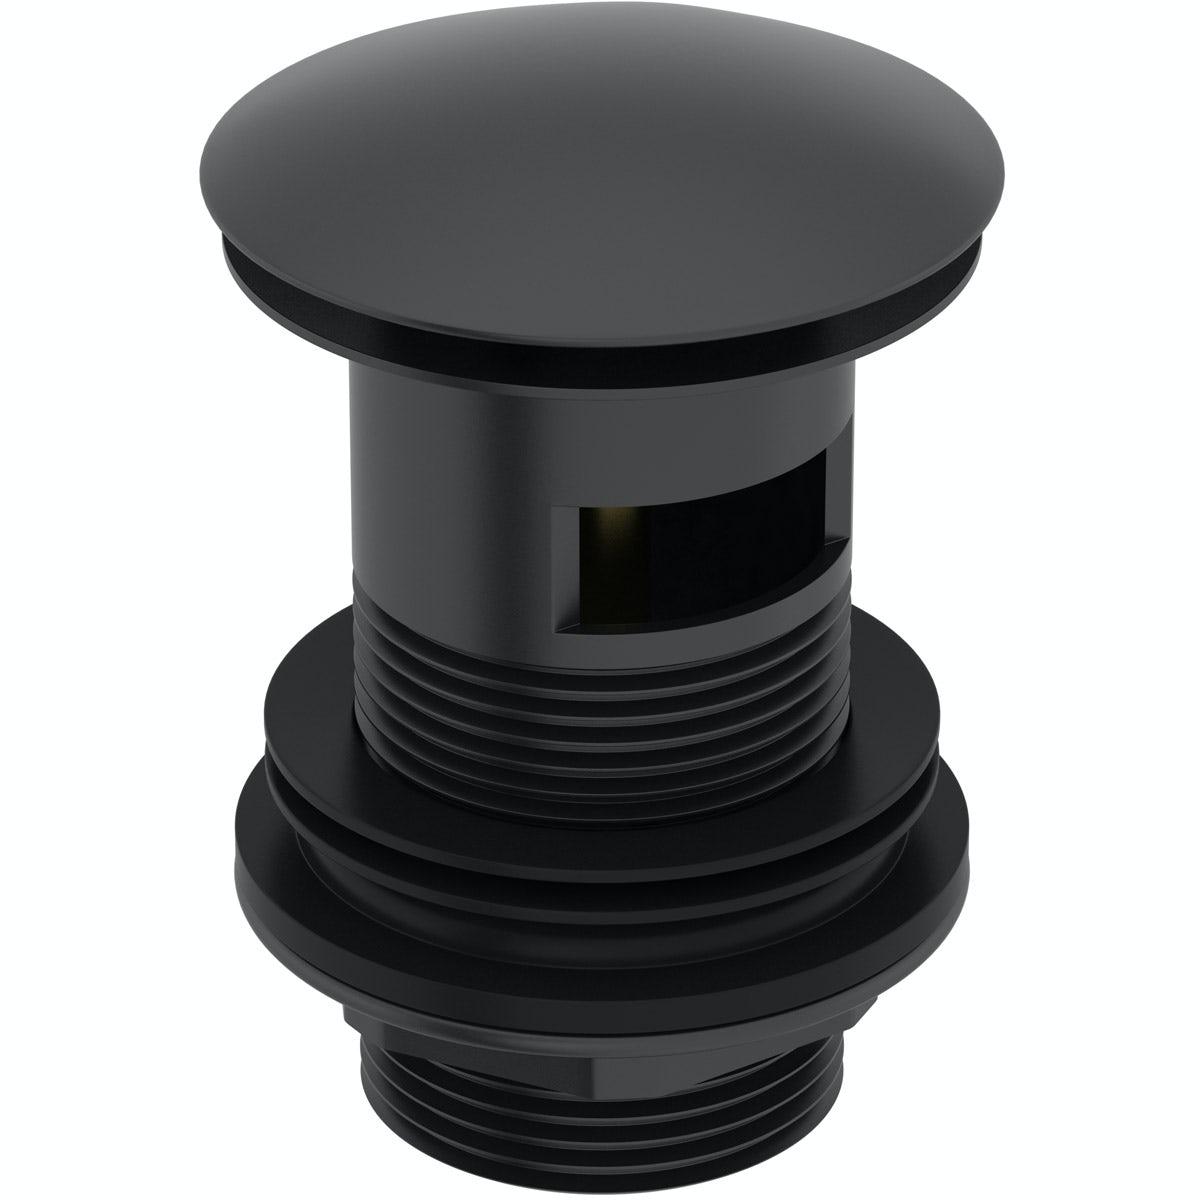 Mode Spencer click clack slotted black basin waste